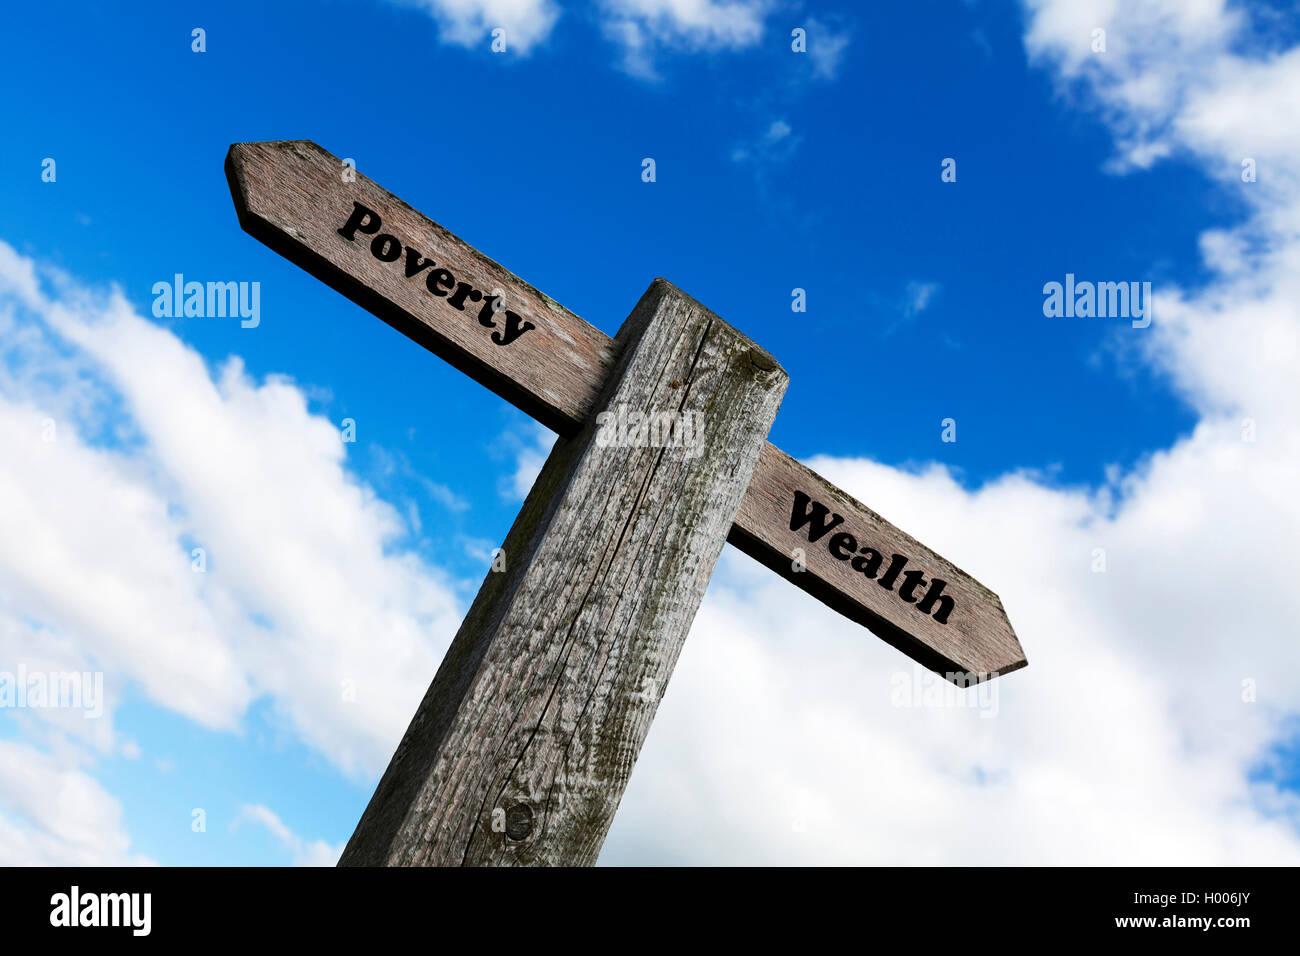 Panneau routier concept richesse pauvreté pauvres riches nantis de la dette d'argent et les autres richesses Photo Stock